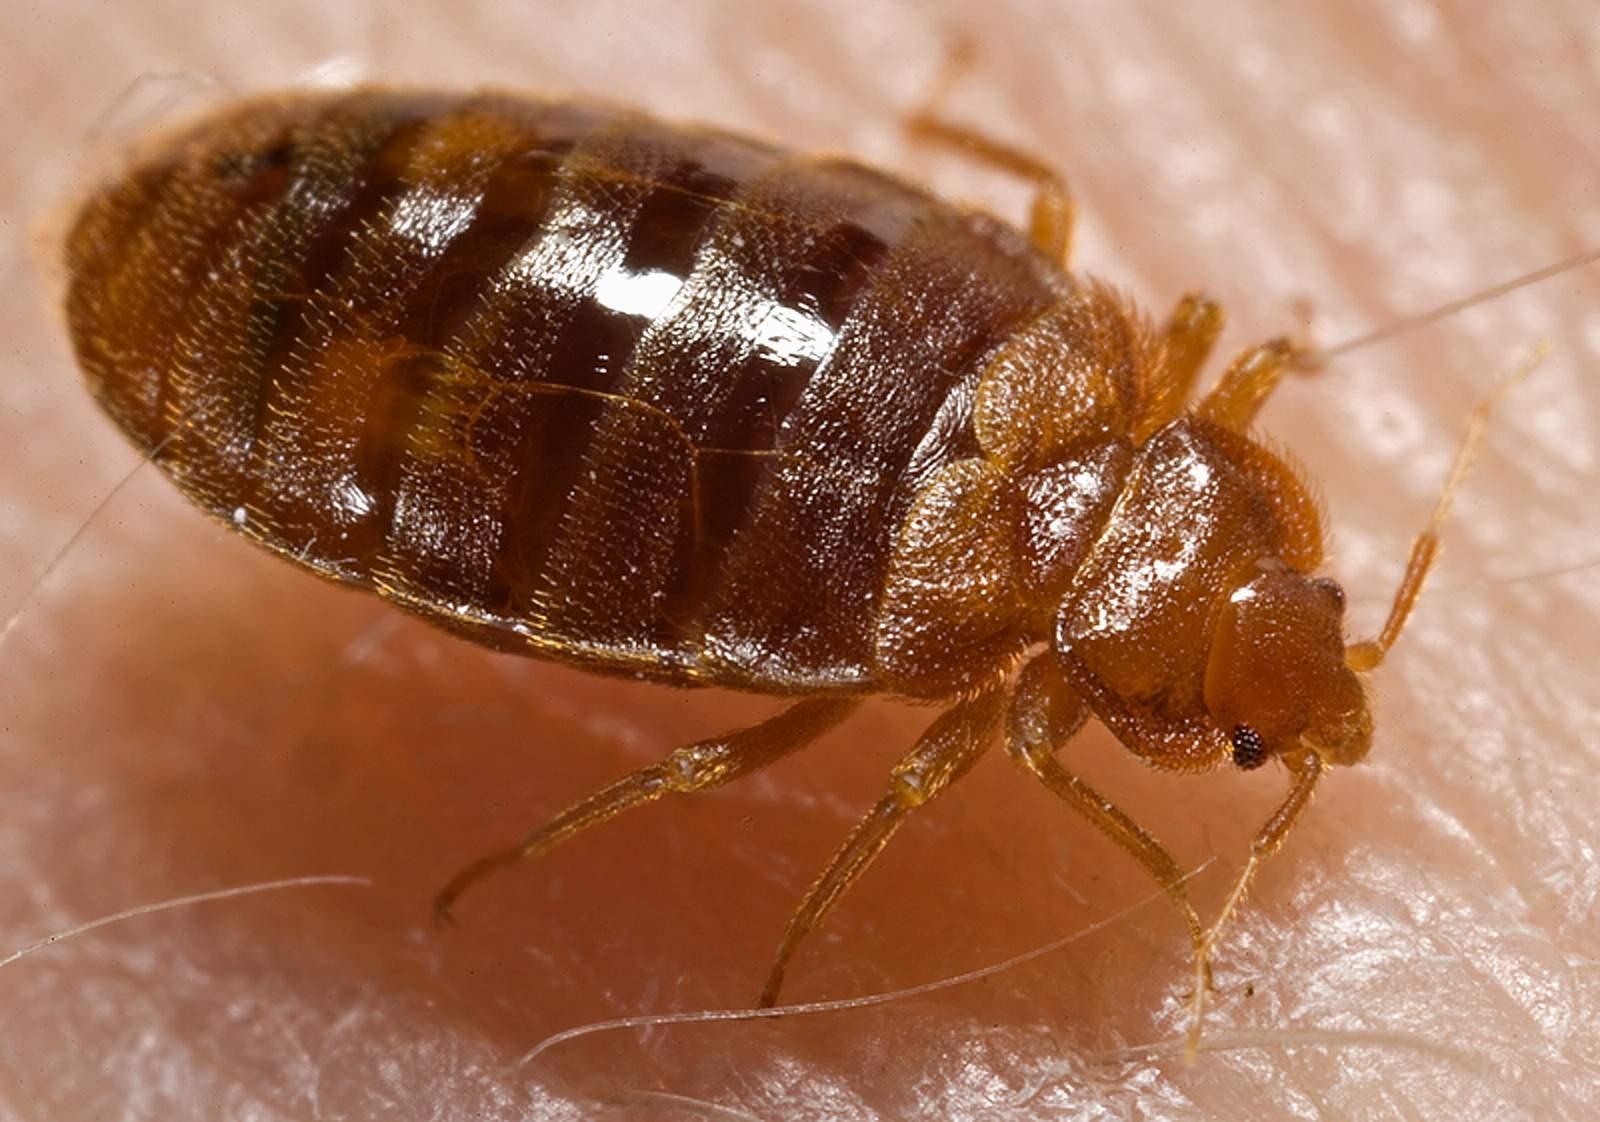 Does Raid Spray Kill Bed Bugs 2020 - Photo By Wikipedia